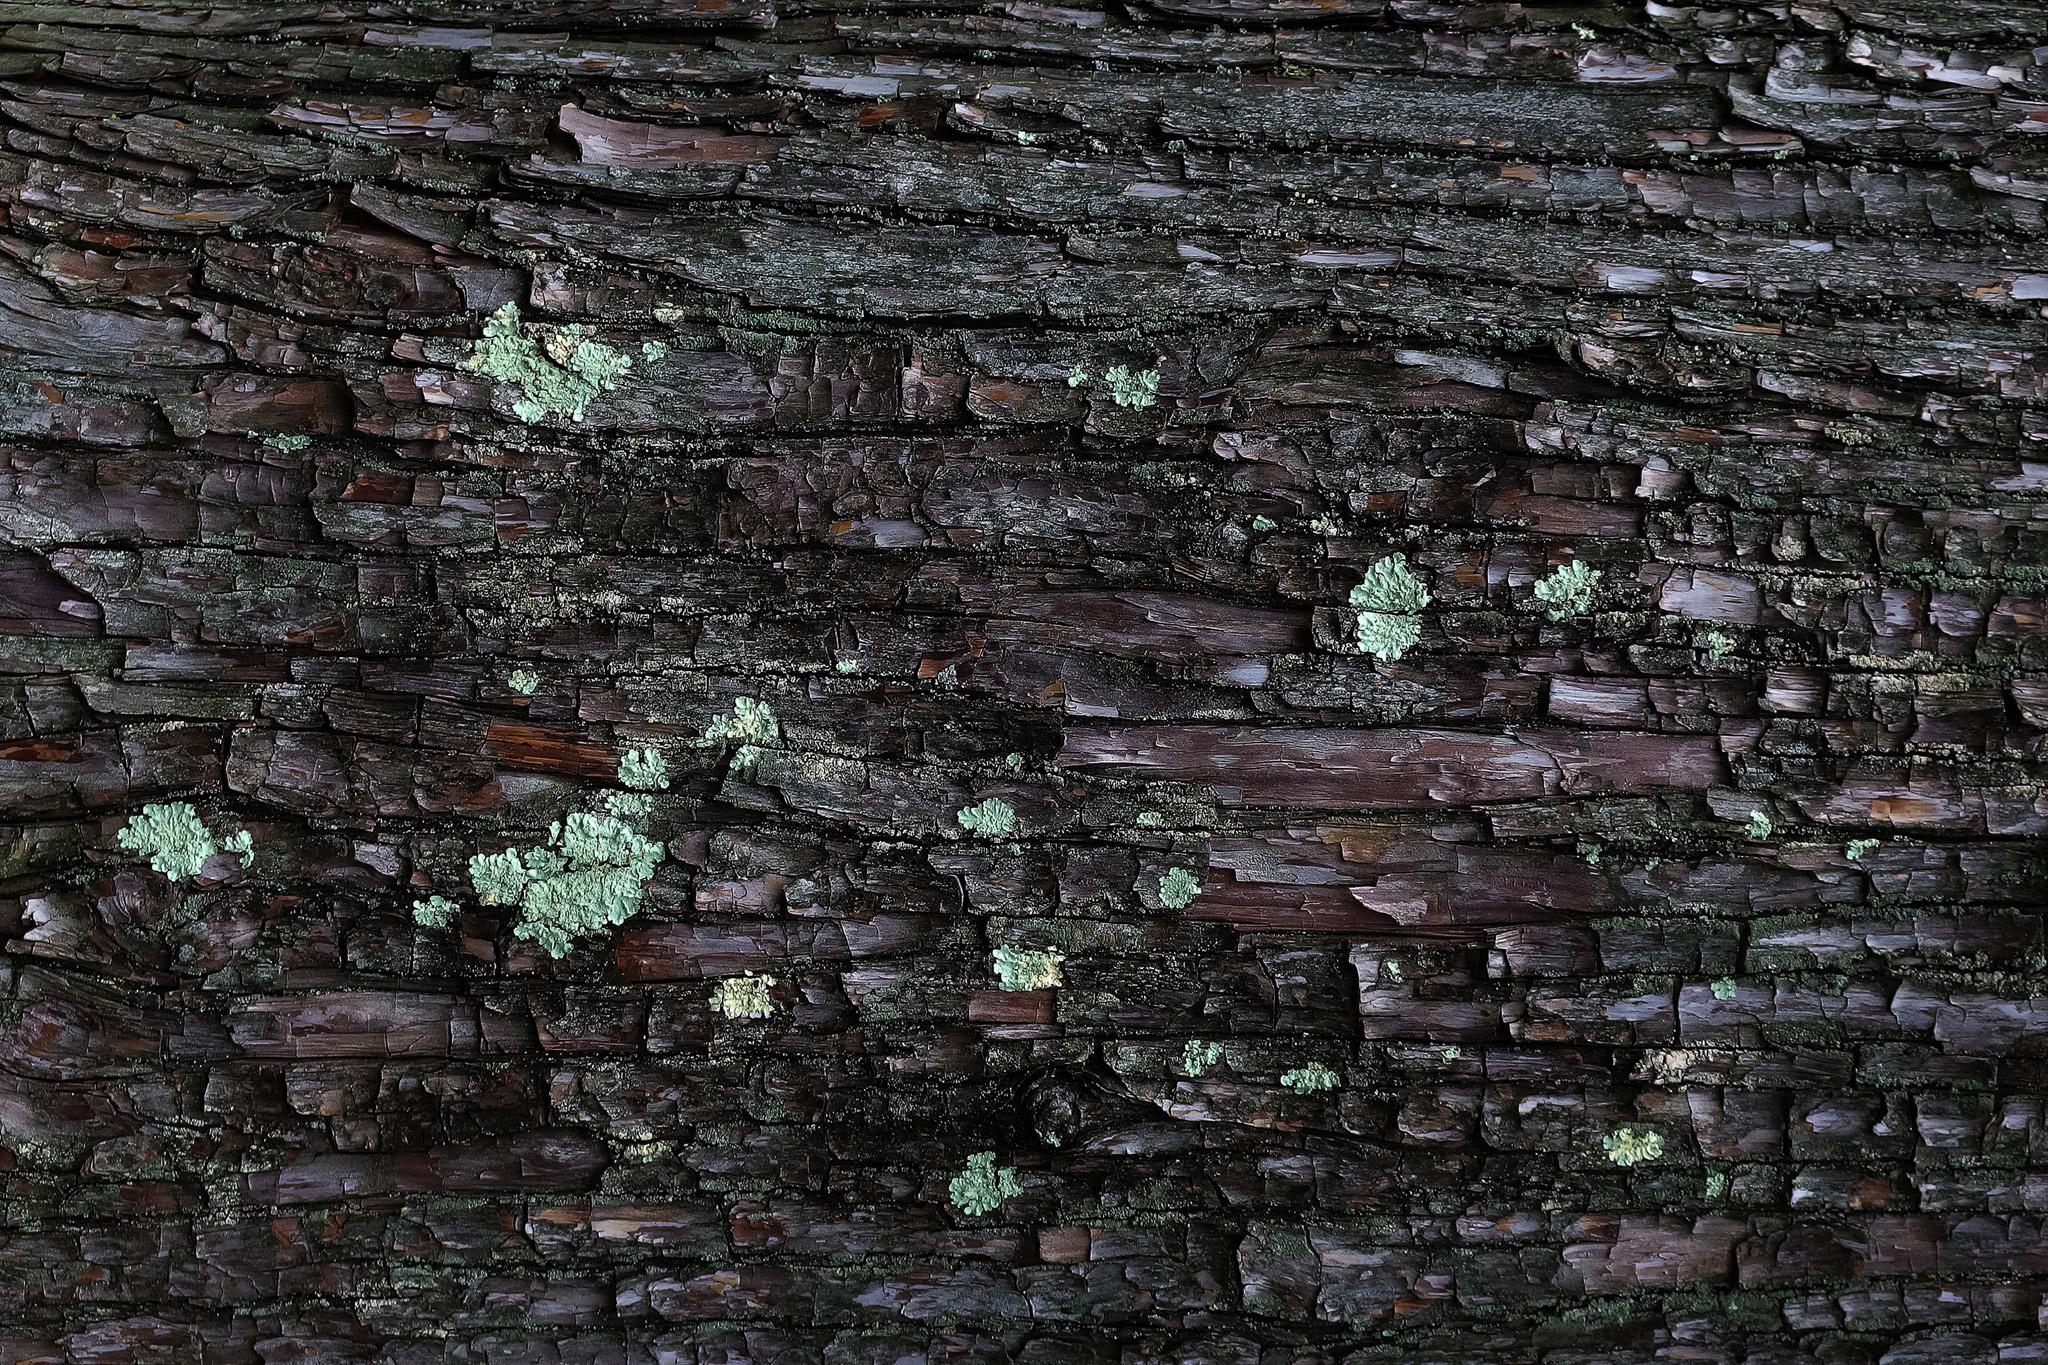 「カビの生えた樹皮のテクスチャ」